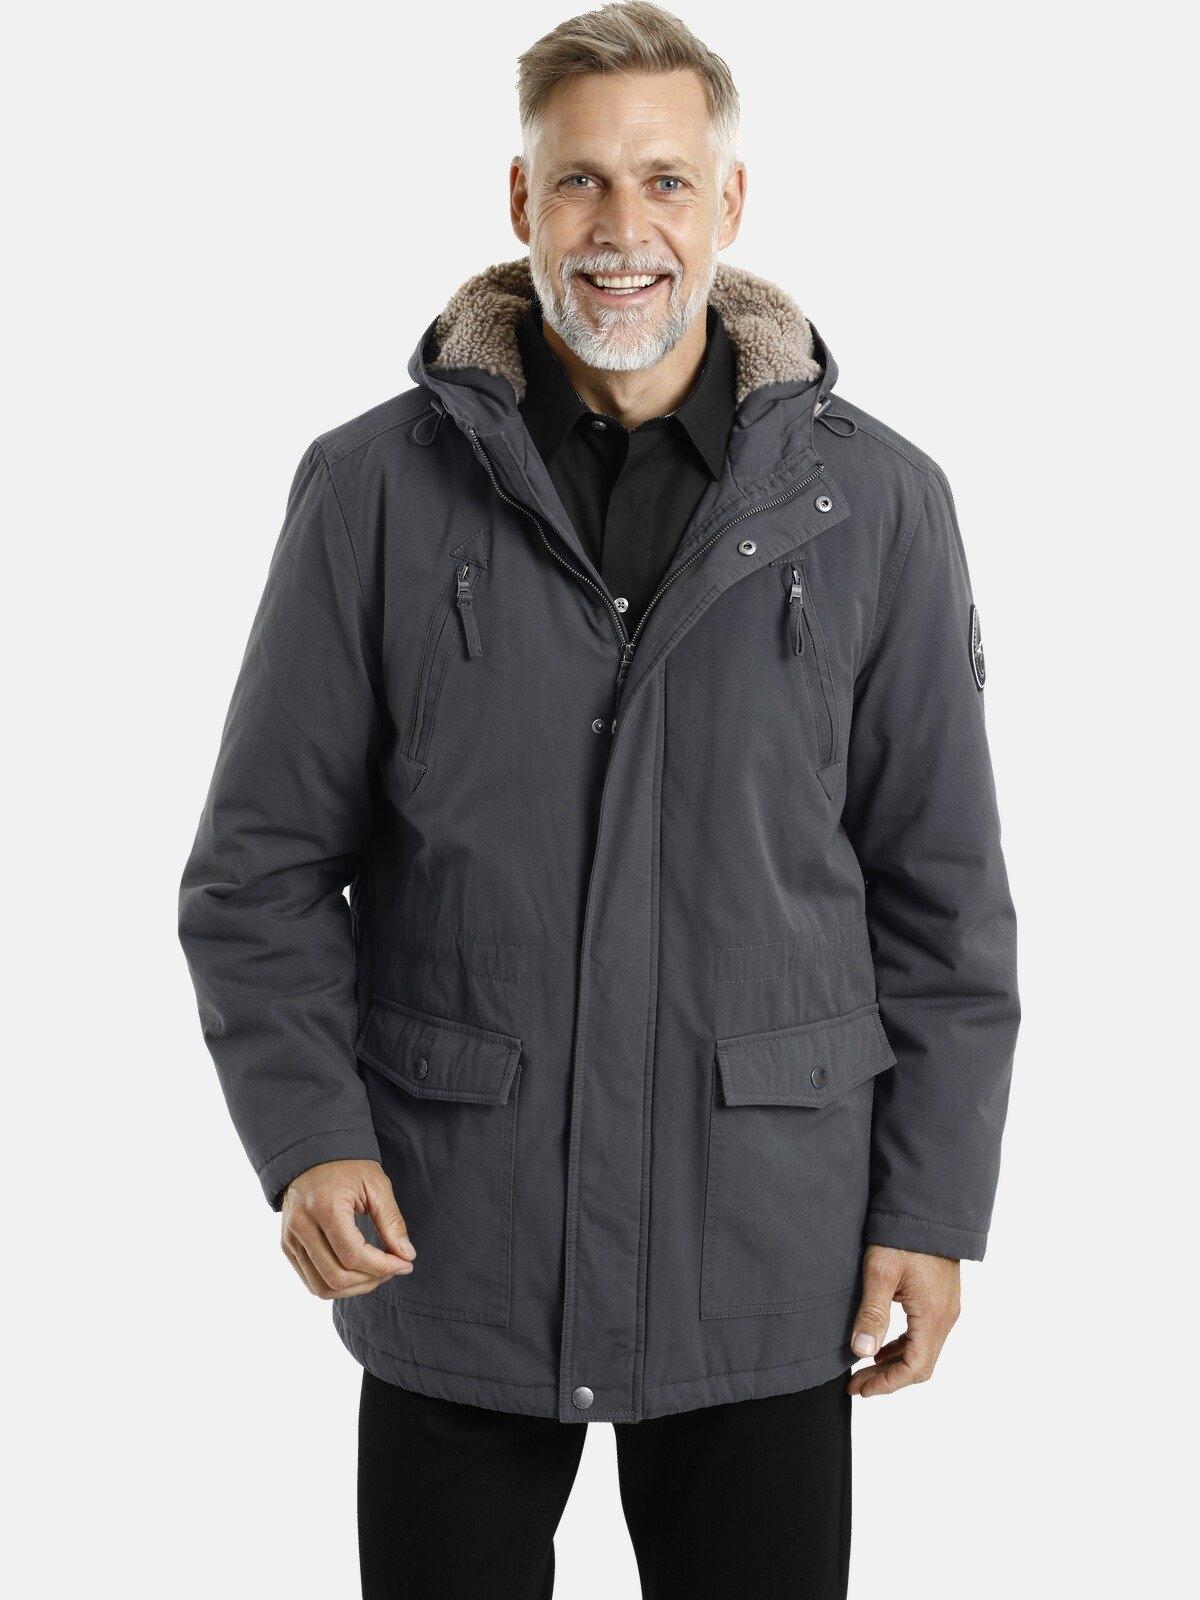 Jan Vanderstorm parka ISAK Winterjack met veel zakken - verschillende betaalmethodes